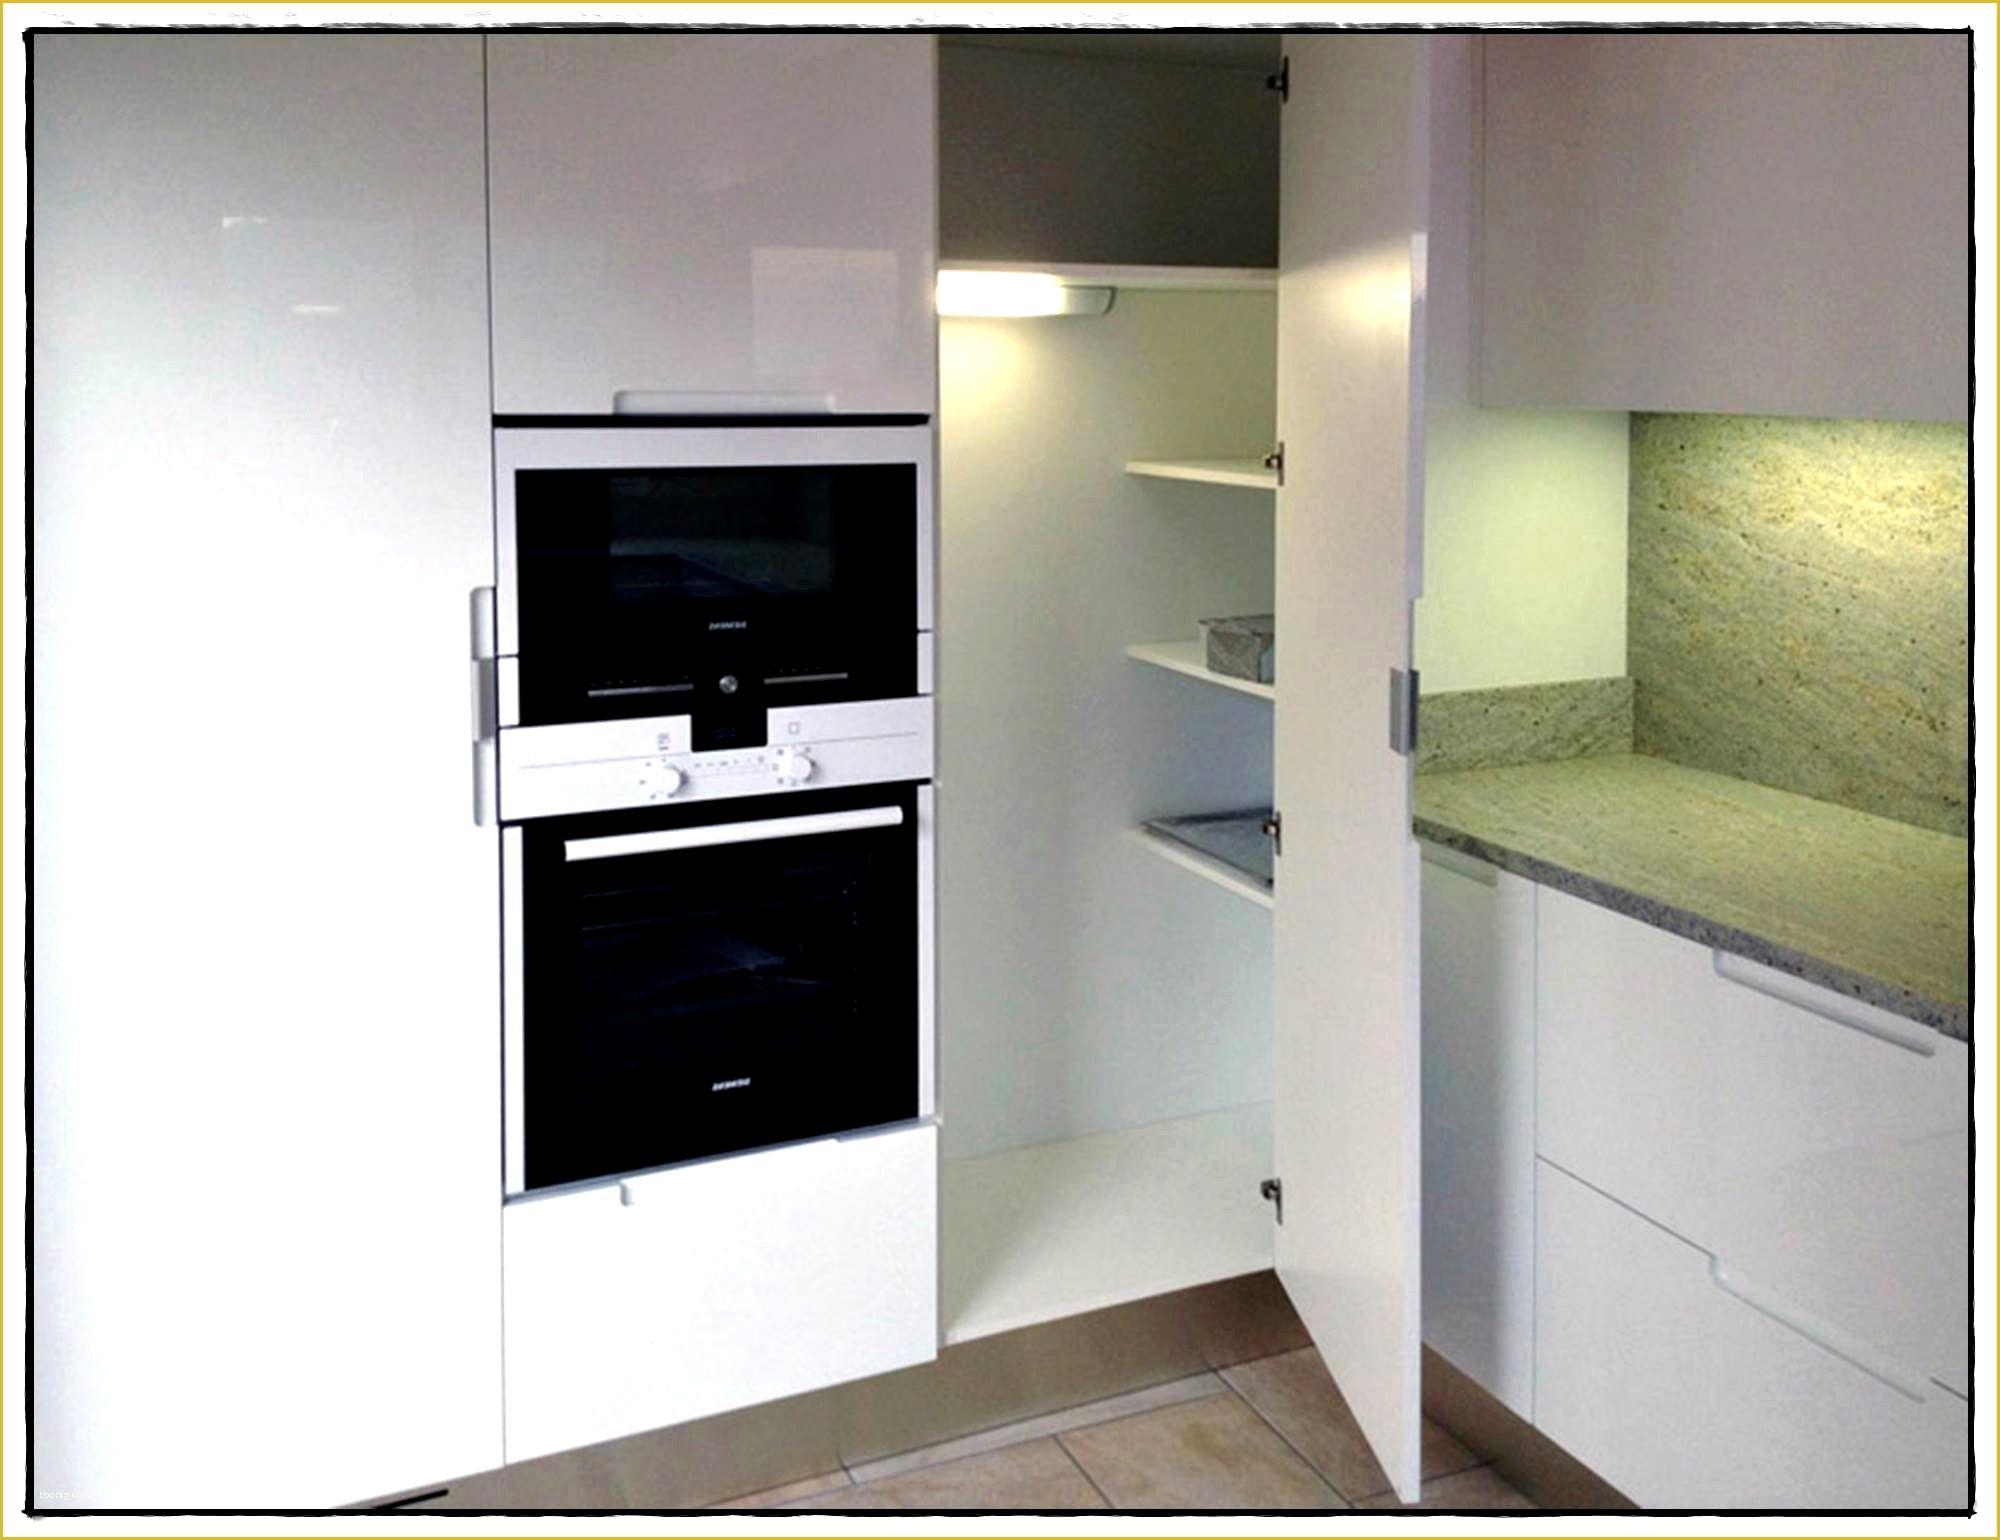 Colonne Cuisine Ikea Gallery En 2020 Colonne Cuisine Colonne Cuisine Ikea Cuisine Ikea